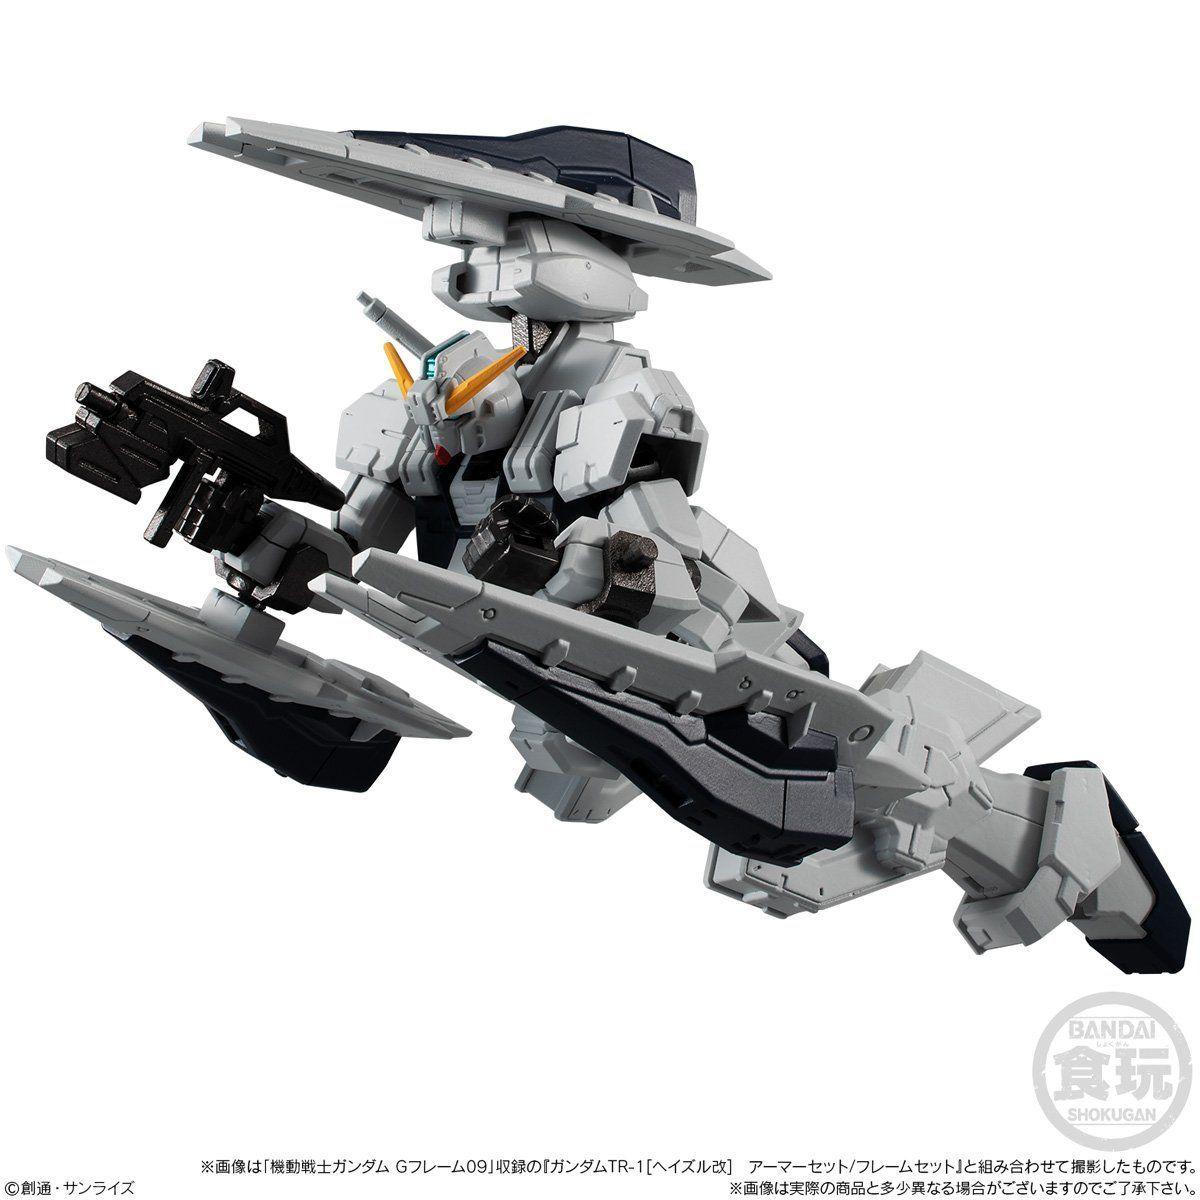 【限定販売】【食玩】Gフレーム『ガンダムTR-1[ヘイズル改]オプションパーツセット』可動フィギュア-006